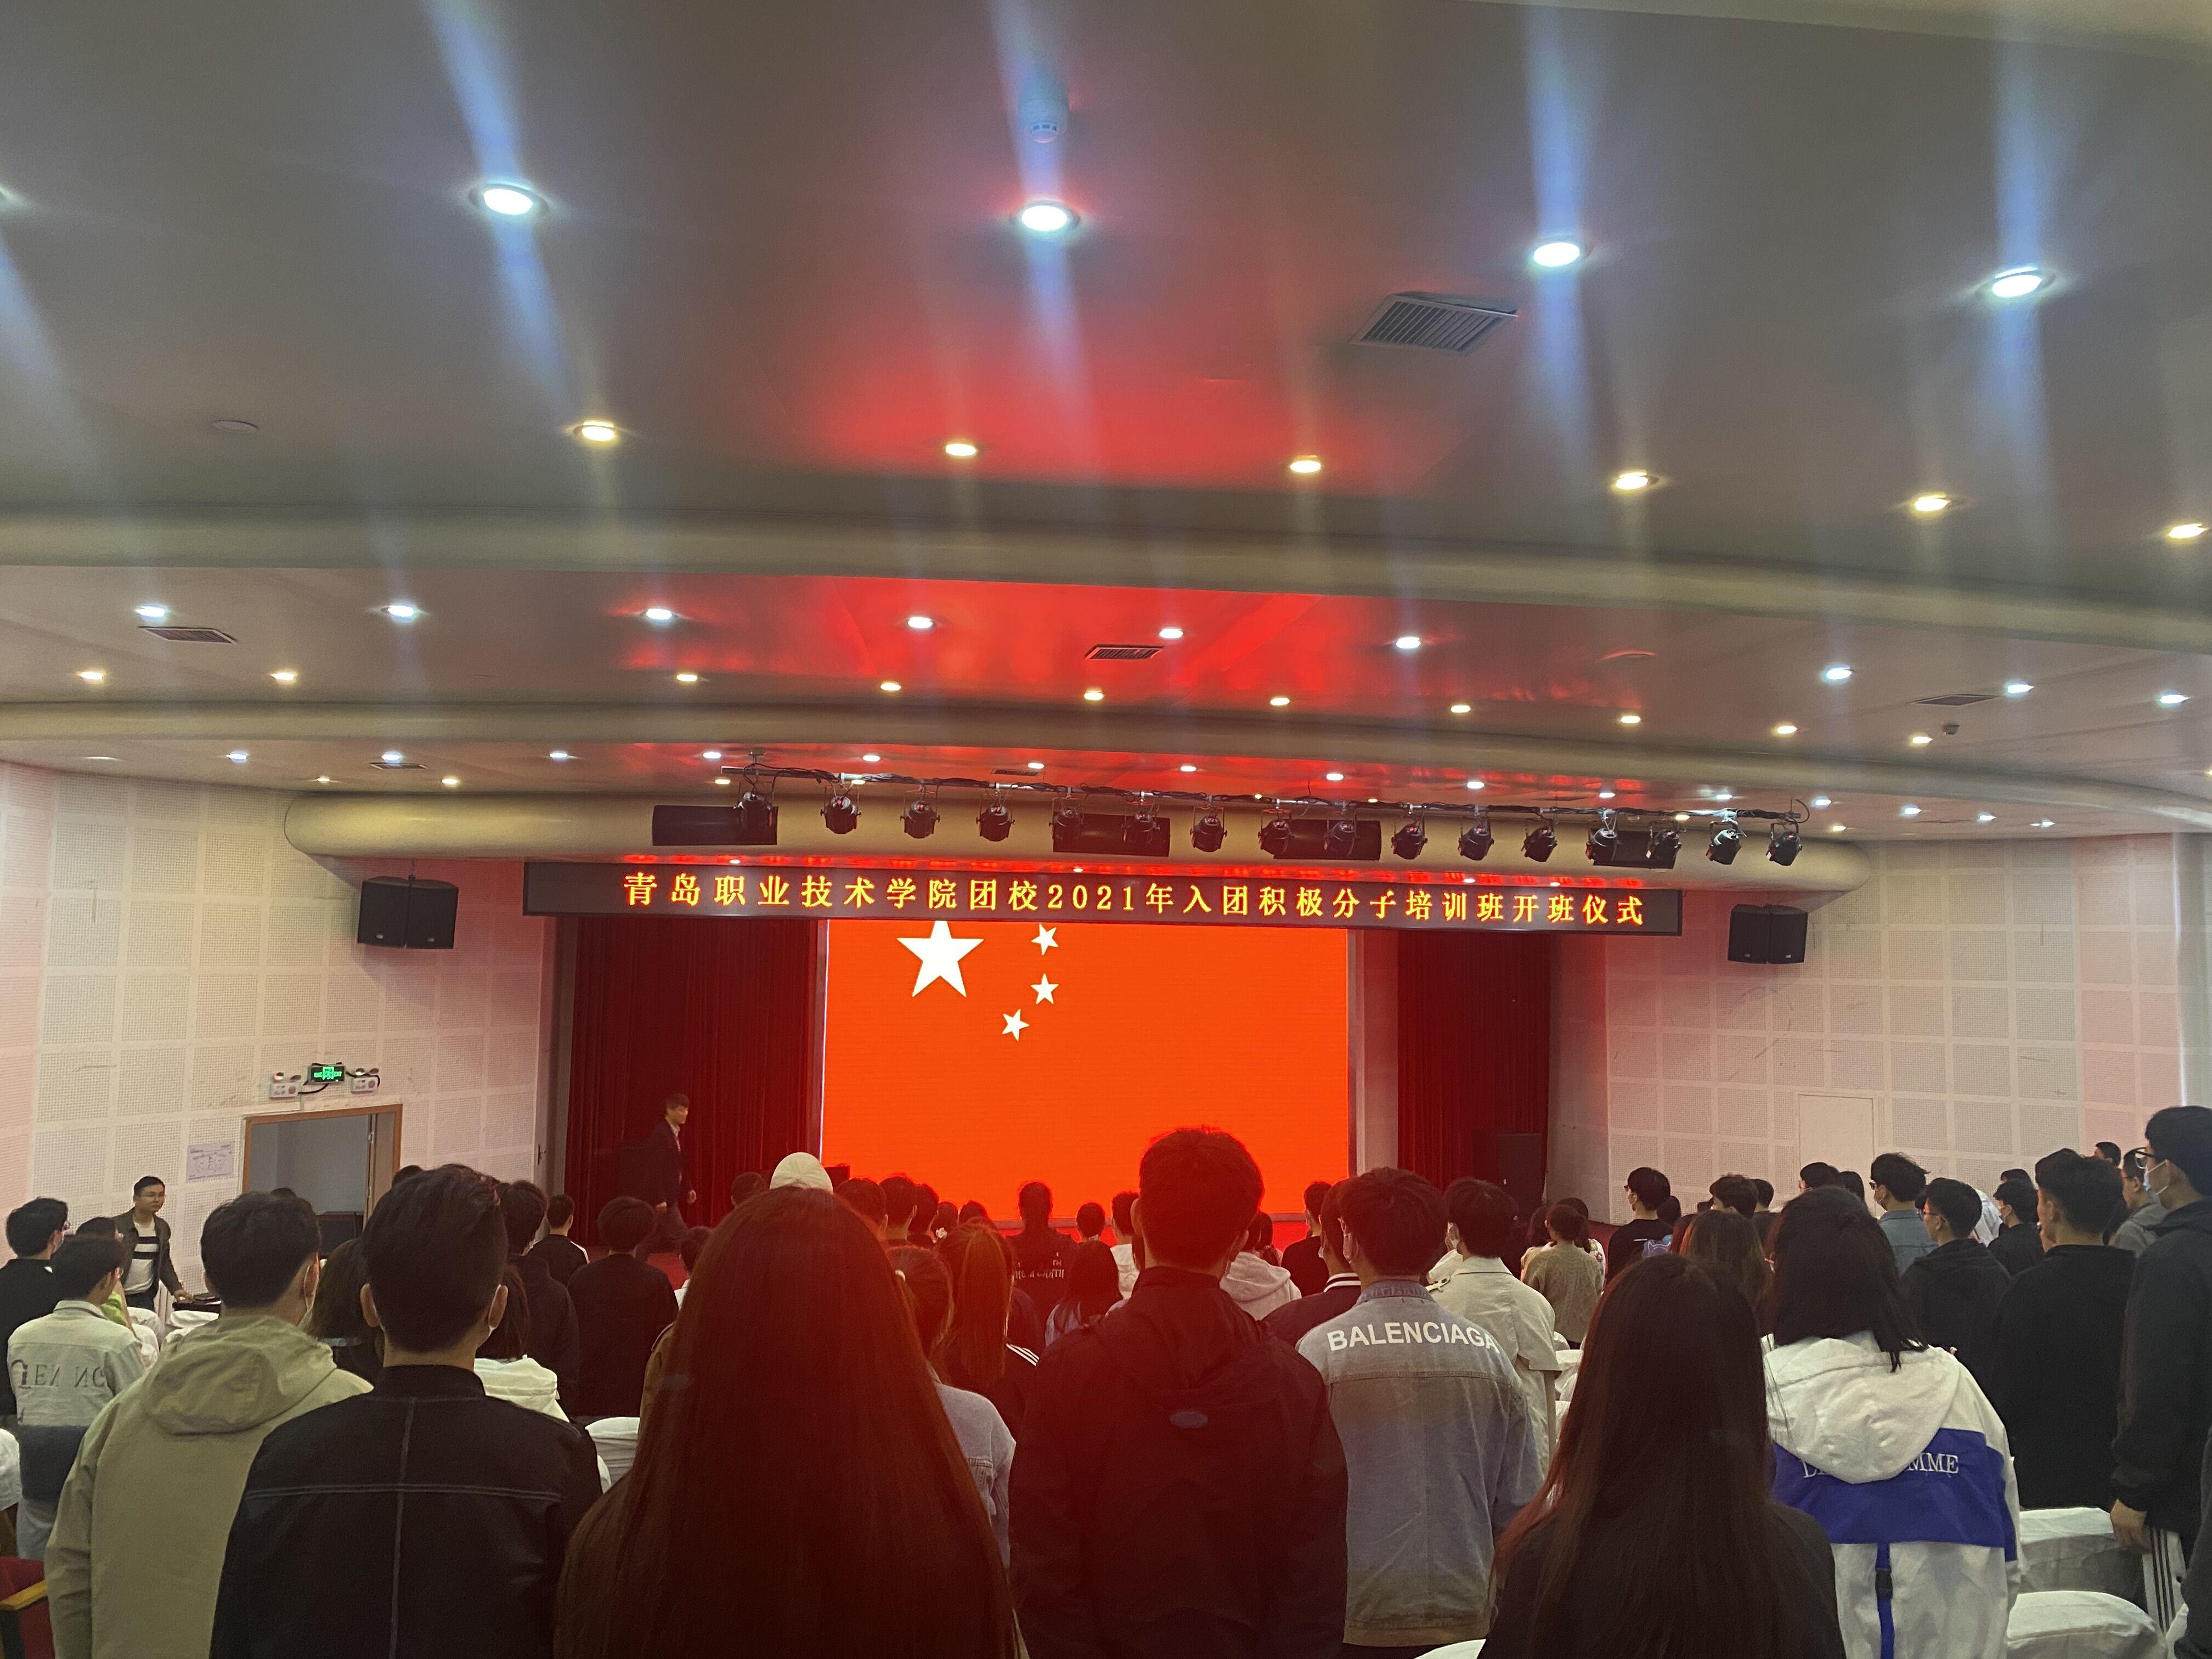 """青岛职院""""五四""""系列主题活动:百年青春心向党 矢志建功新时代"""